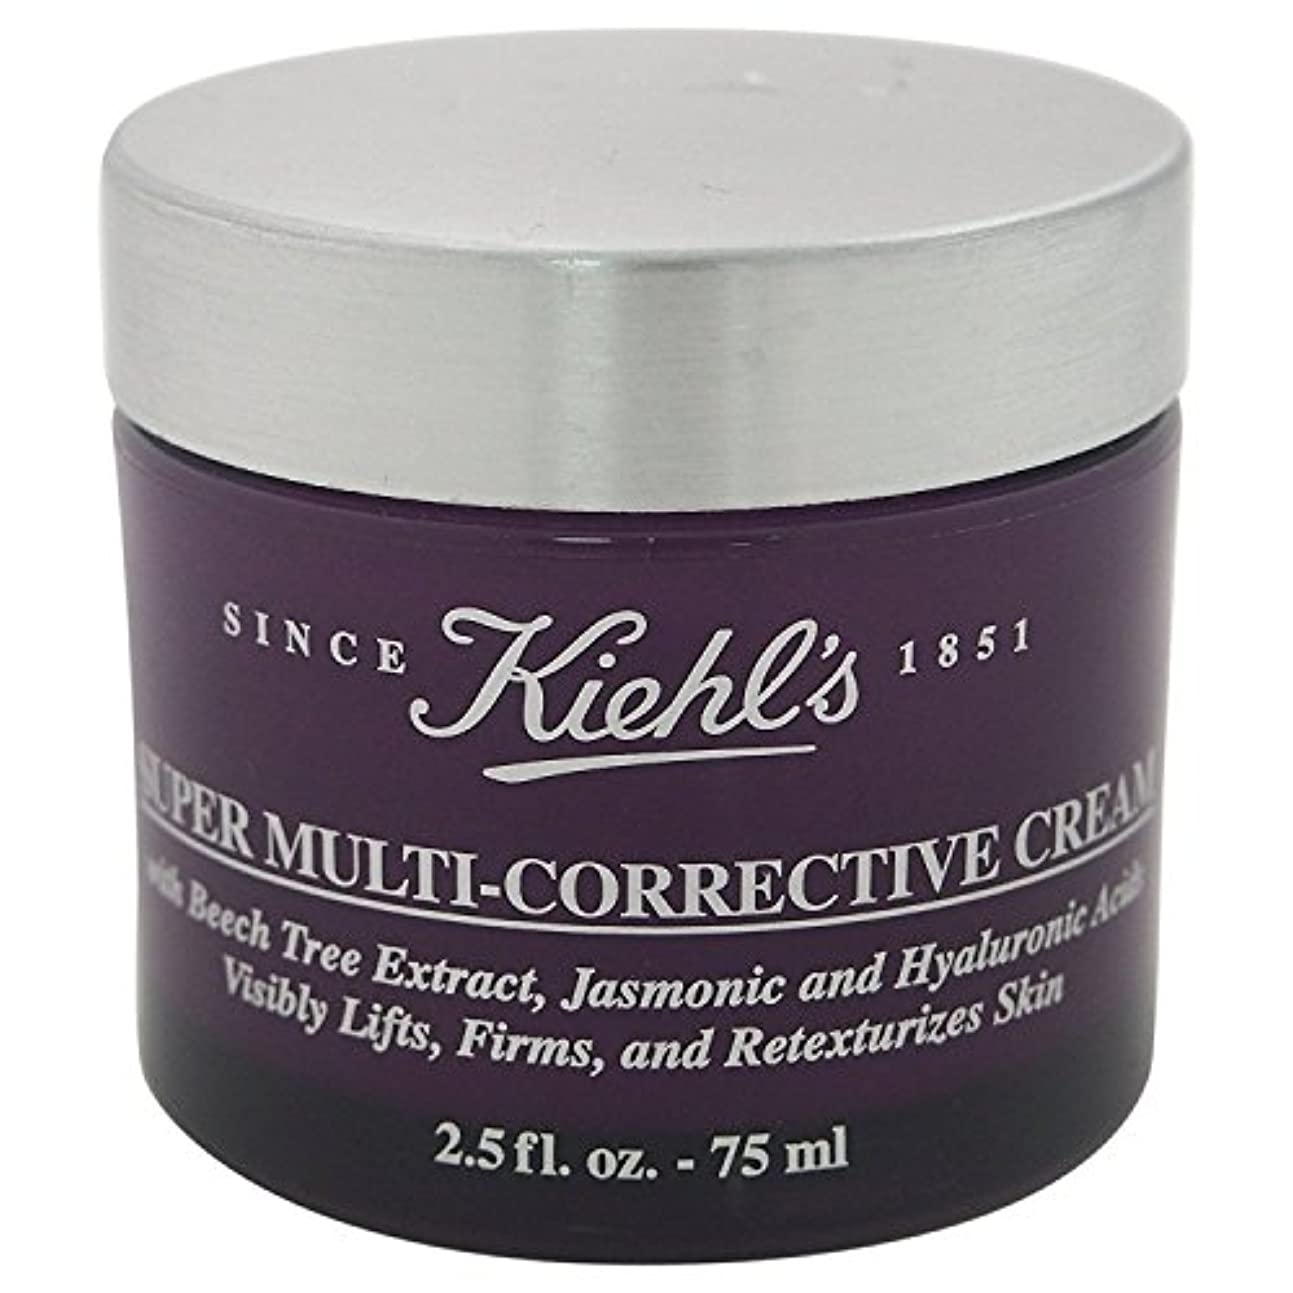 義務づける環境暗黙キールズ(Kiehl's) スーパー マルチ コレクティブ クリーム 75ml[並行輸入品]